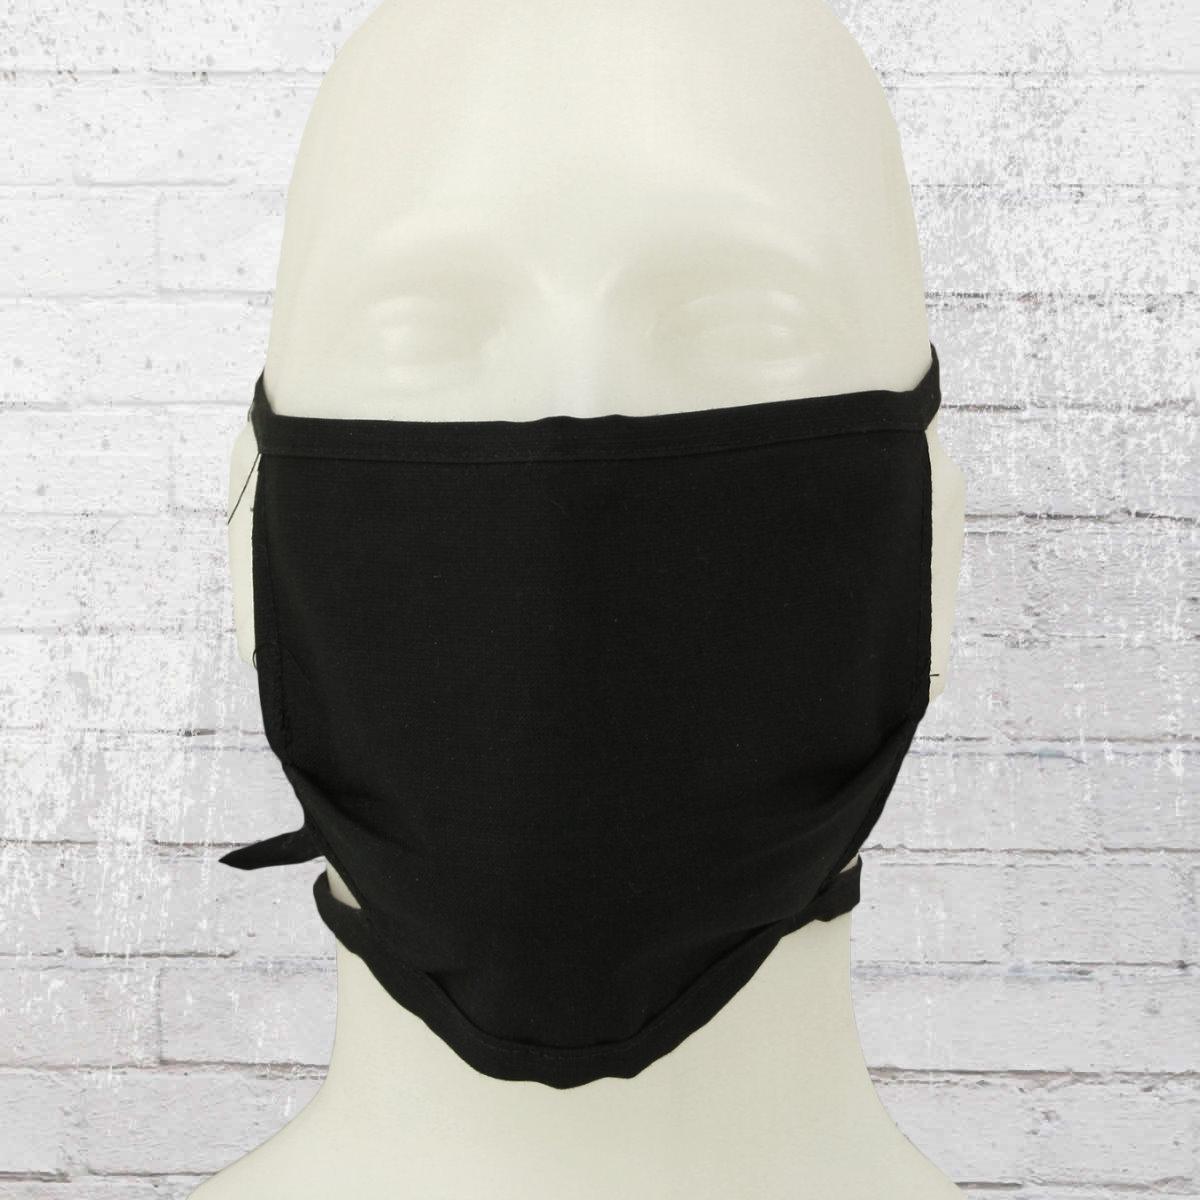 10er Pack Stoffmaske Mund-Nasen-Schutz Gesichtsmaske schwarz